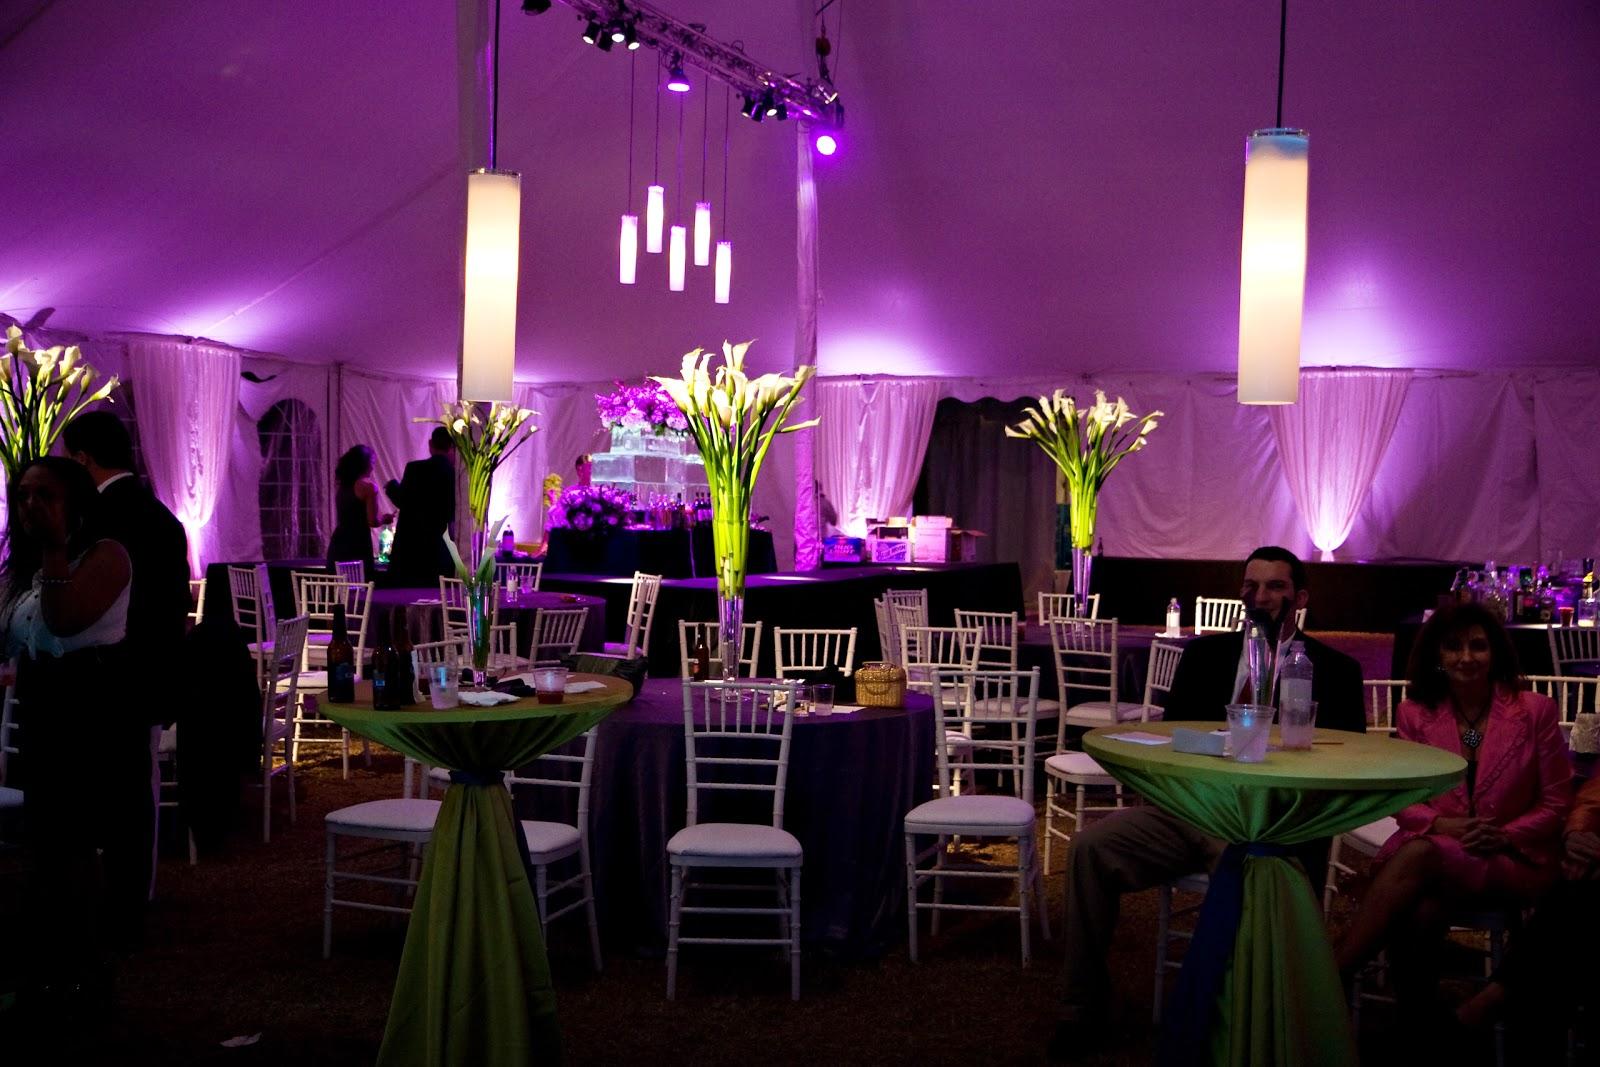 RainingBlossoms: Wedding Receptions Tents Decoration